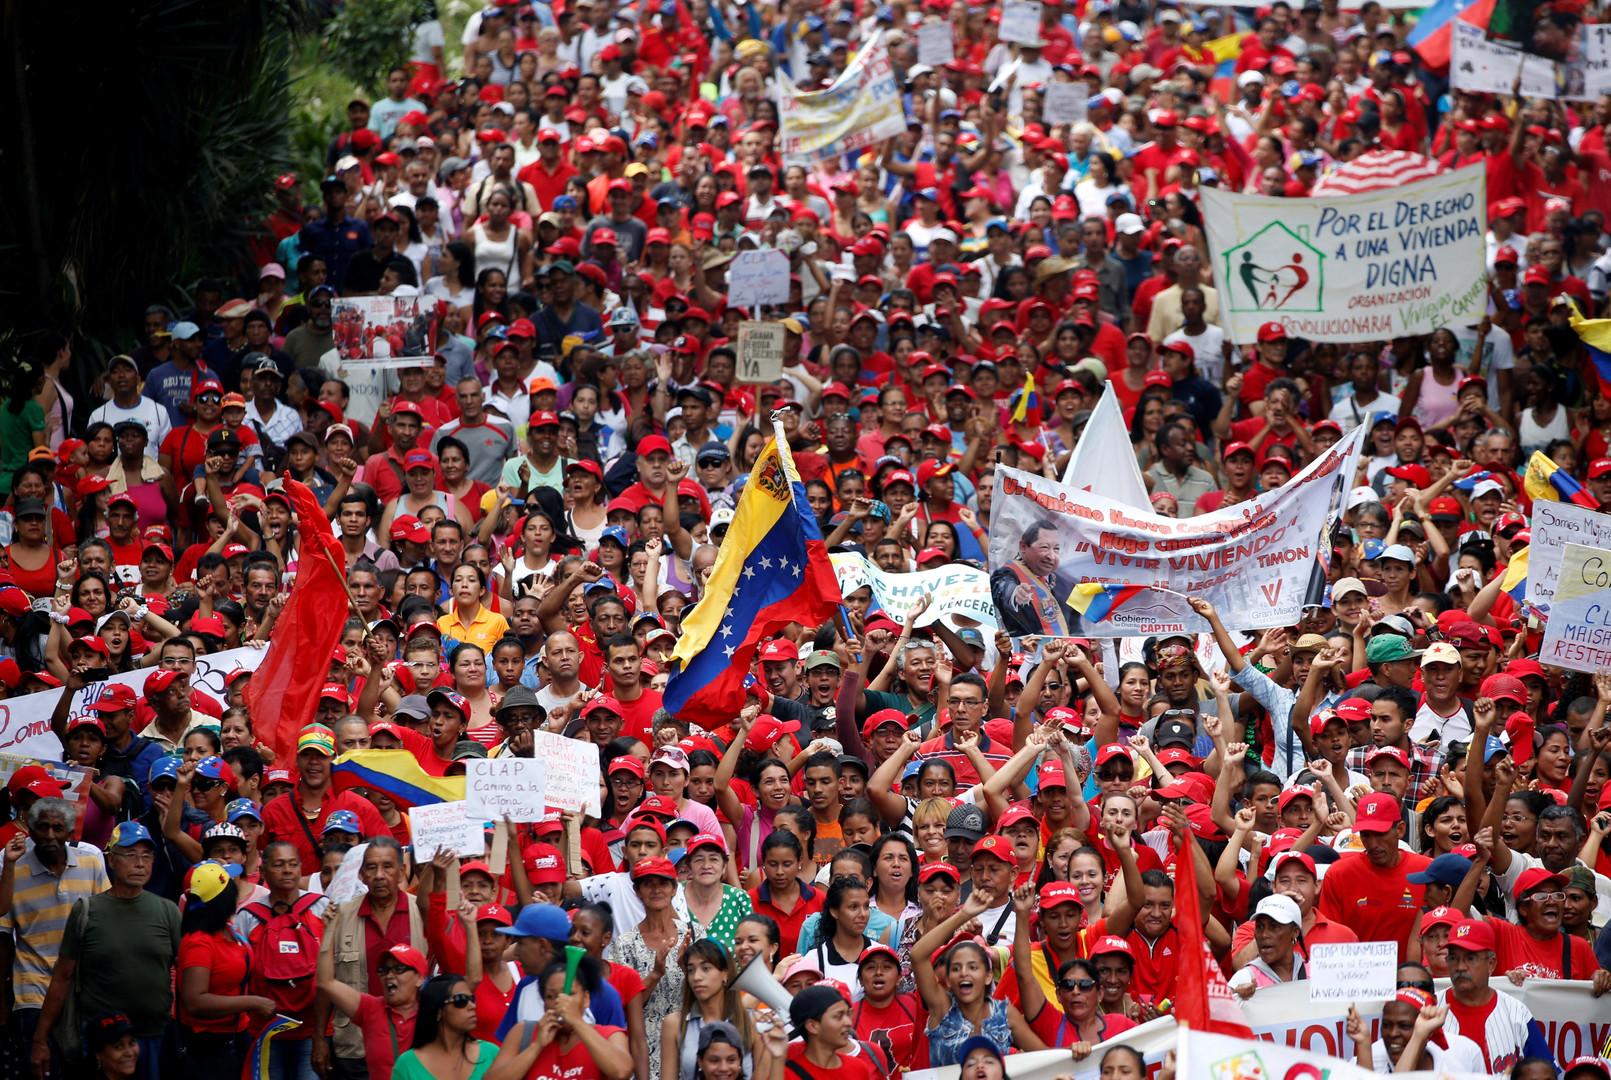 Schwere Ausschreitungen bei Protesten in Venezuela